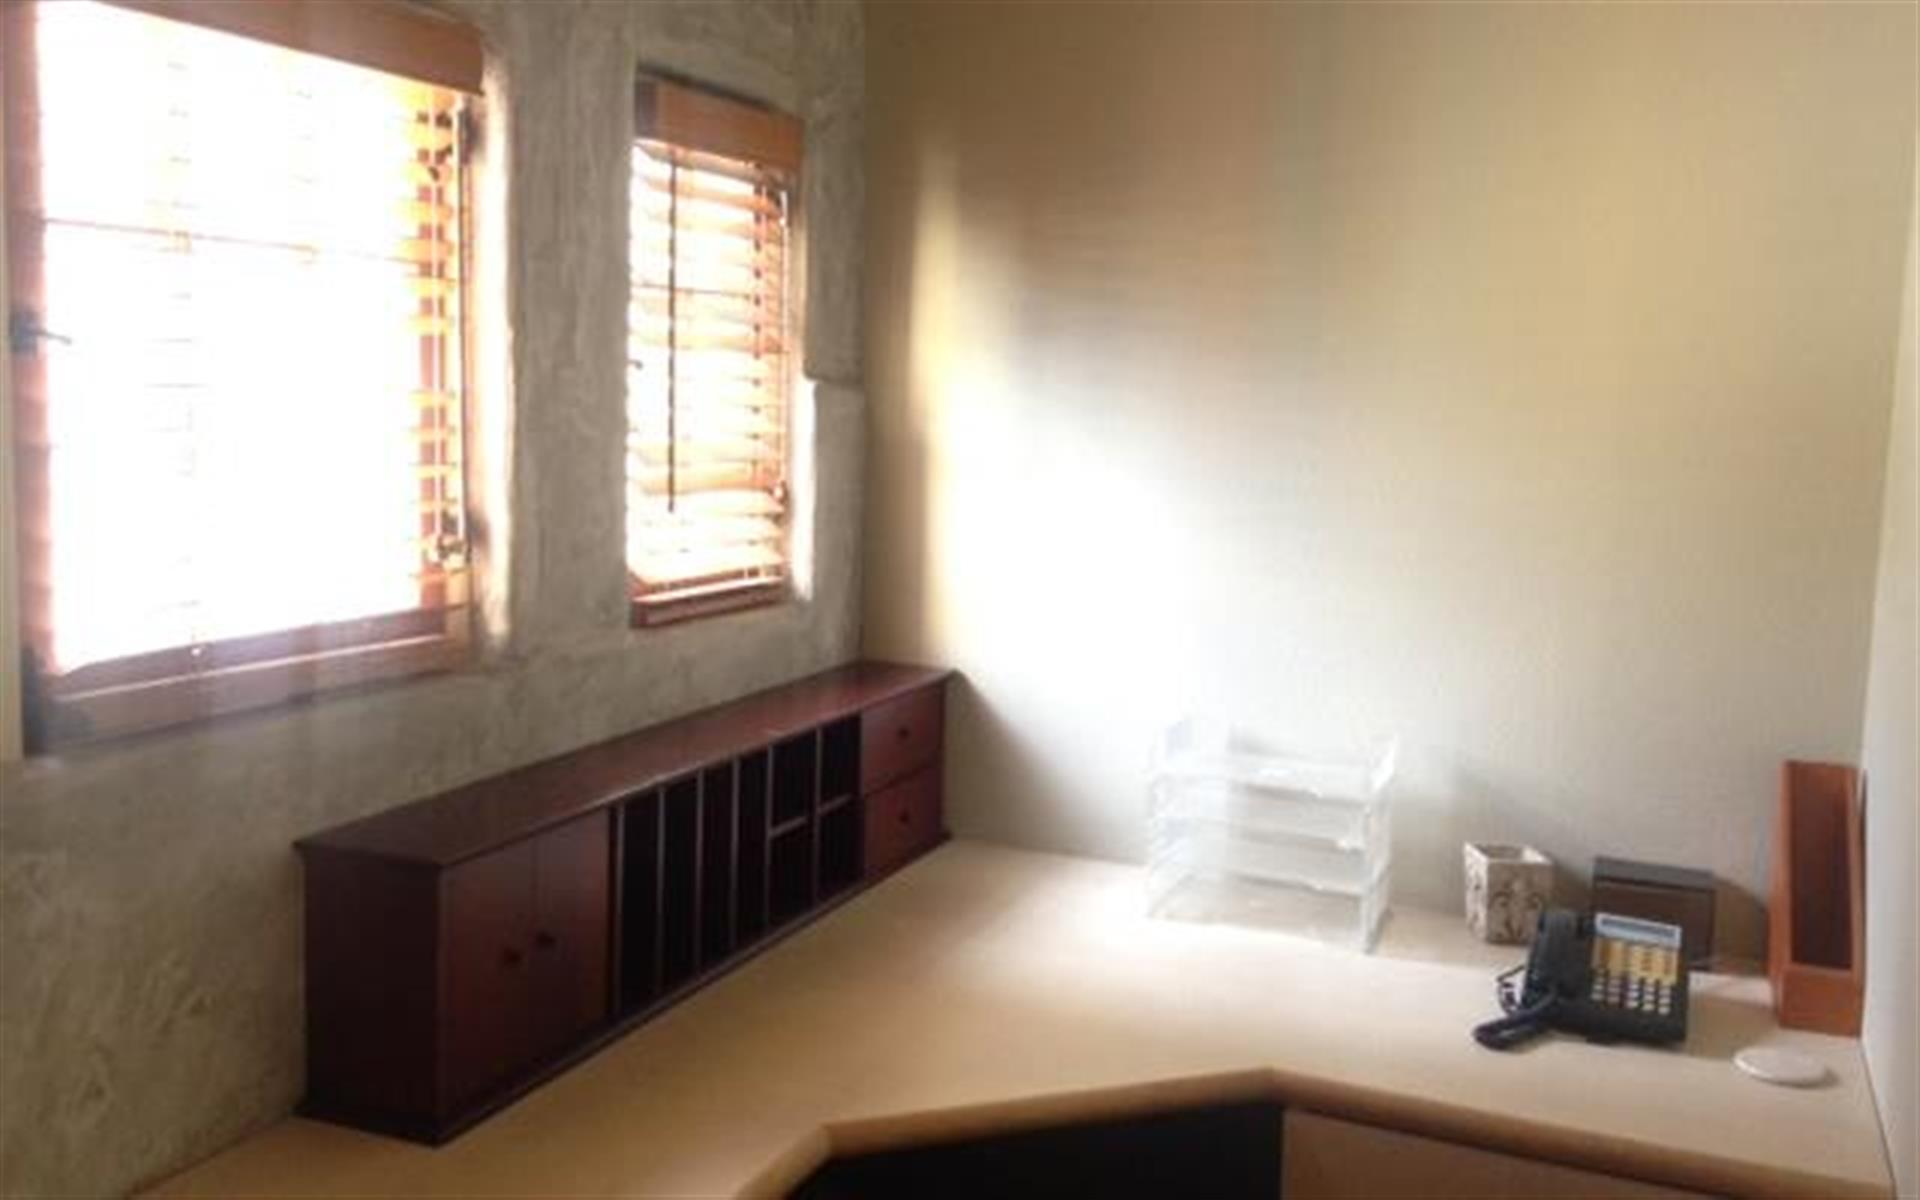 Coneybeare - small private office